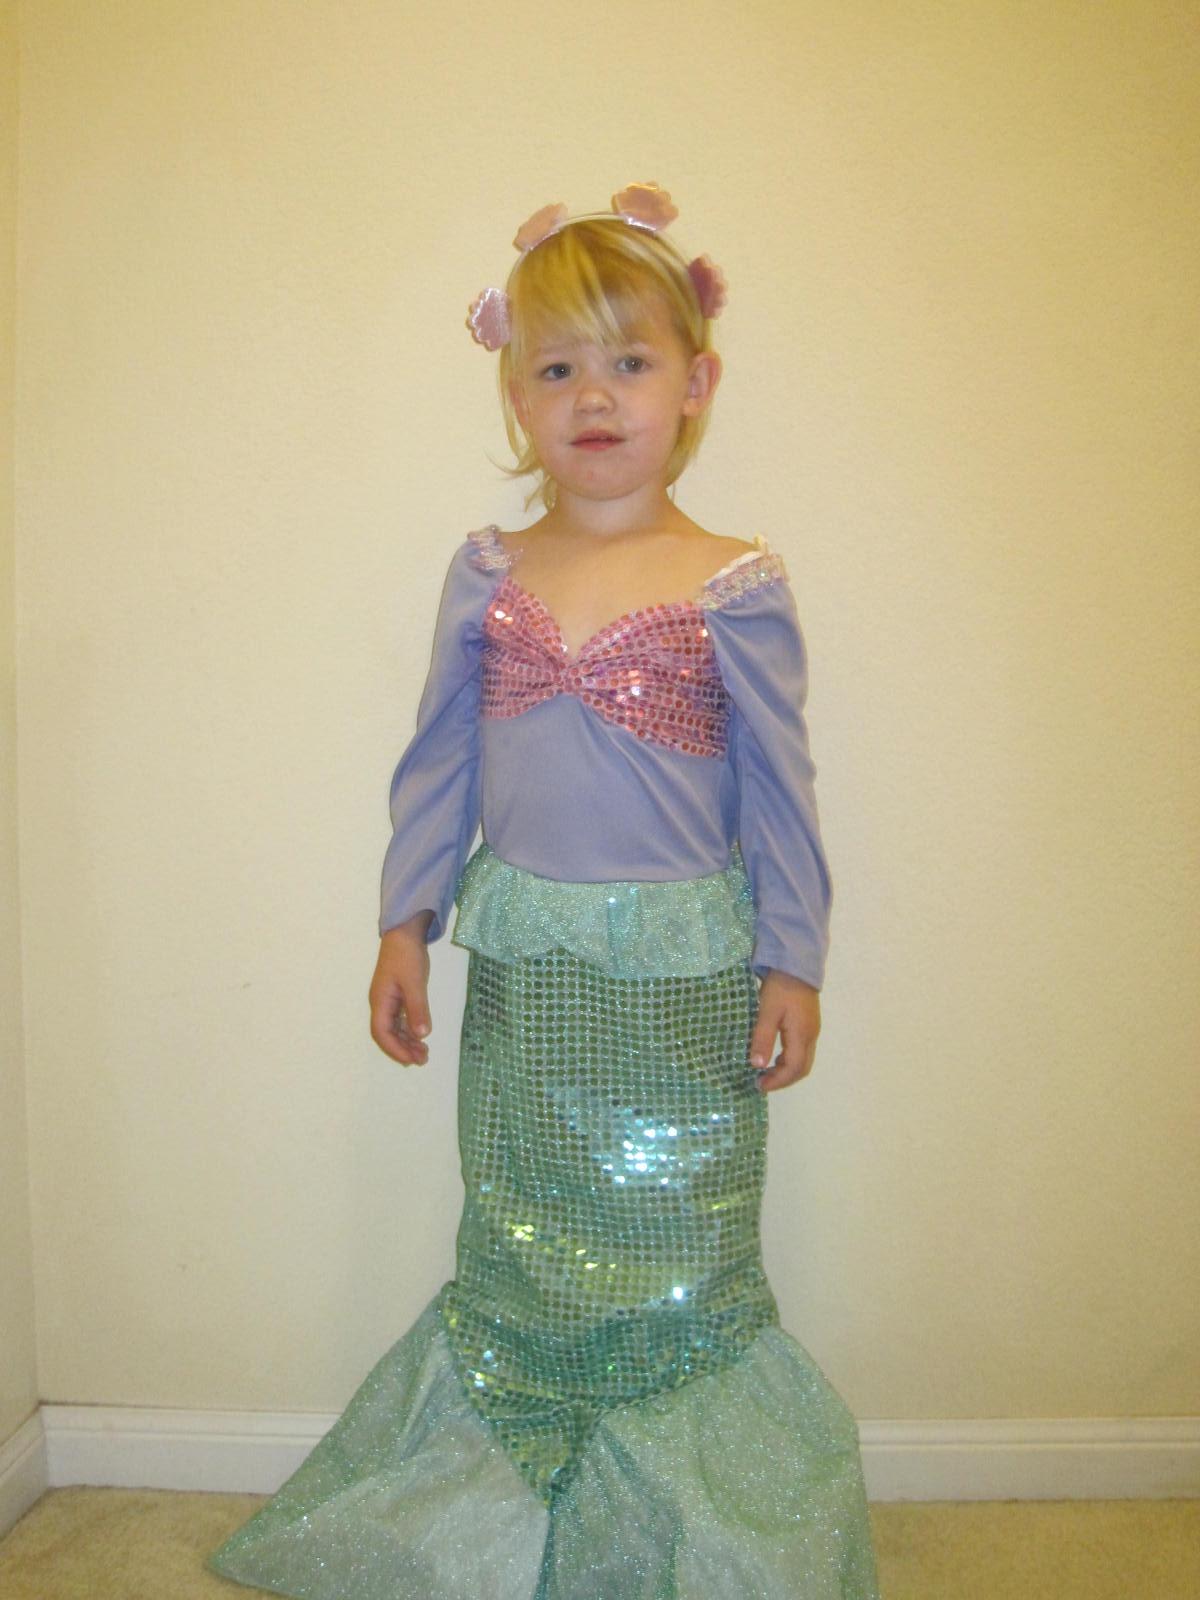 Child Bubbly Mermaid Costume  sc 1 st  Meningrey & My Little Mermaid Costume - Meningrey